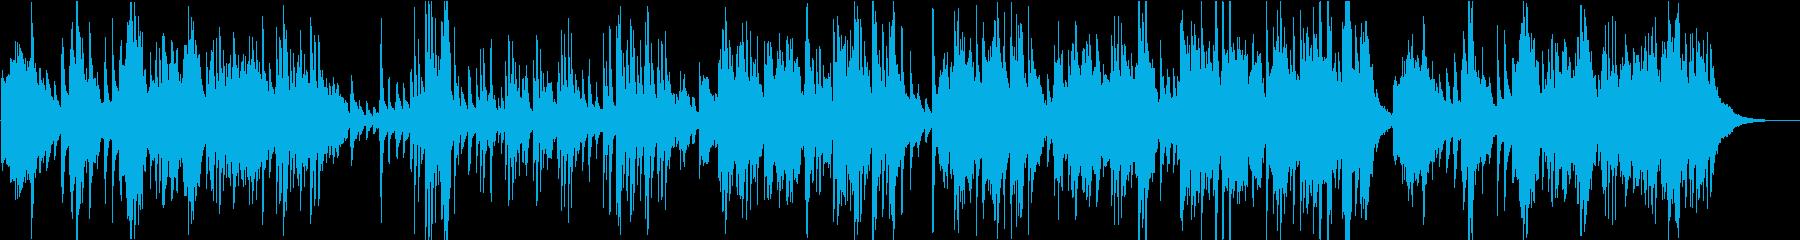 オペラ風にソプラノで仕上げました。の再生済みの波形